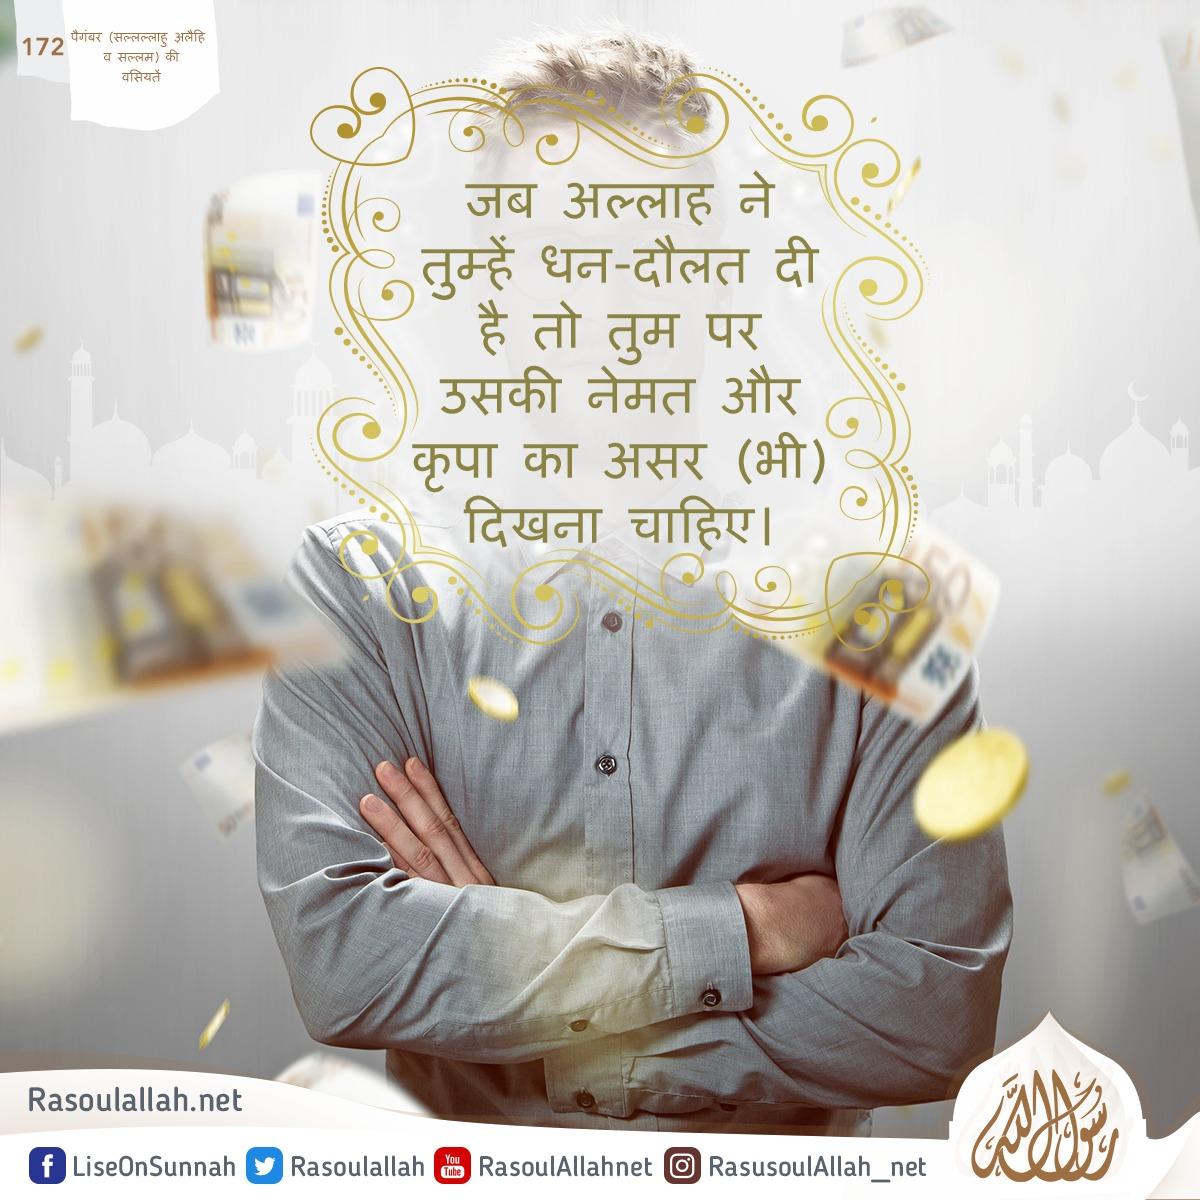 (172) जब अल्लाह ने तुम्हें धन-दौलत दी है तो तुम पर उसकी नेमत और कृपा का असर (भी) दिखना चाहिए।